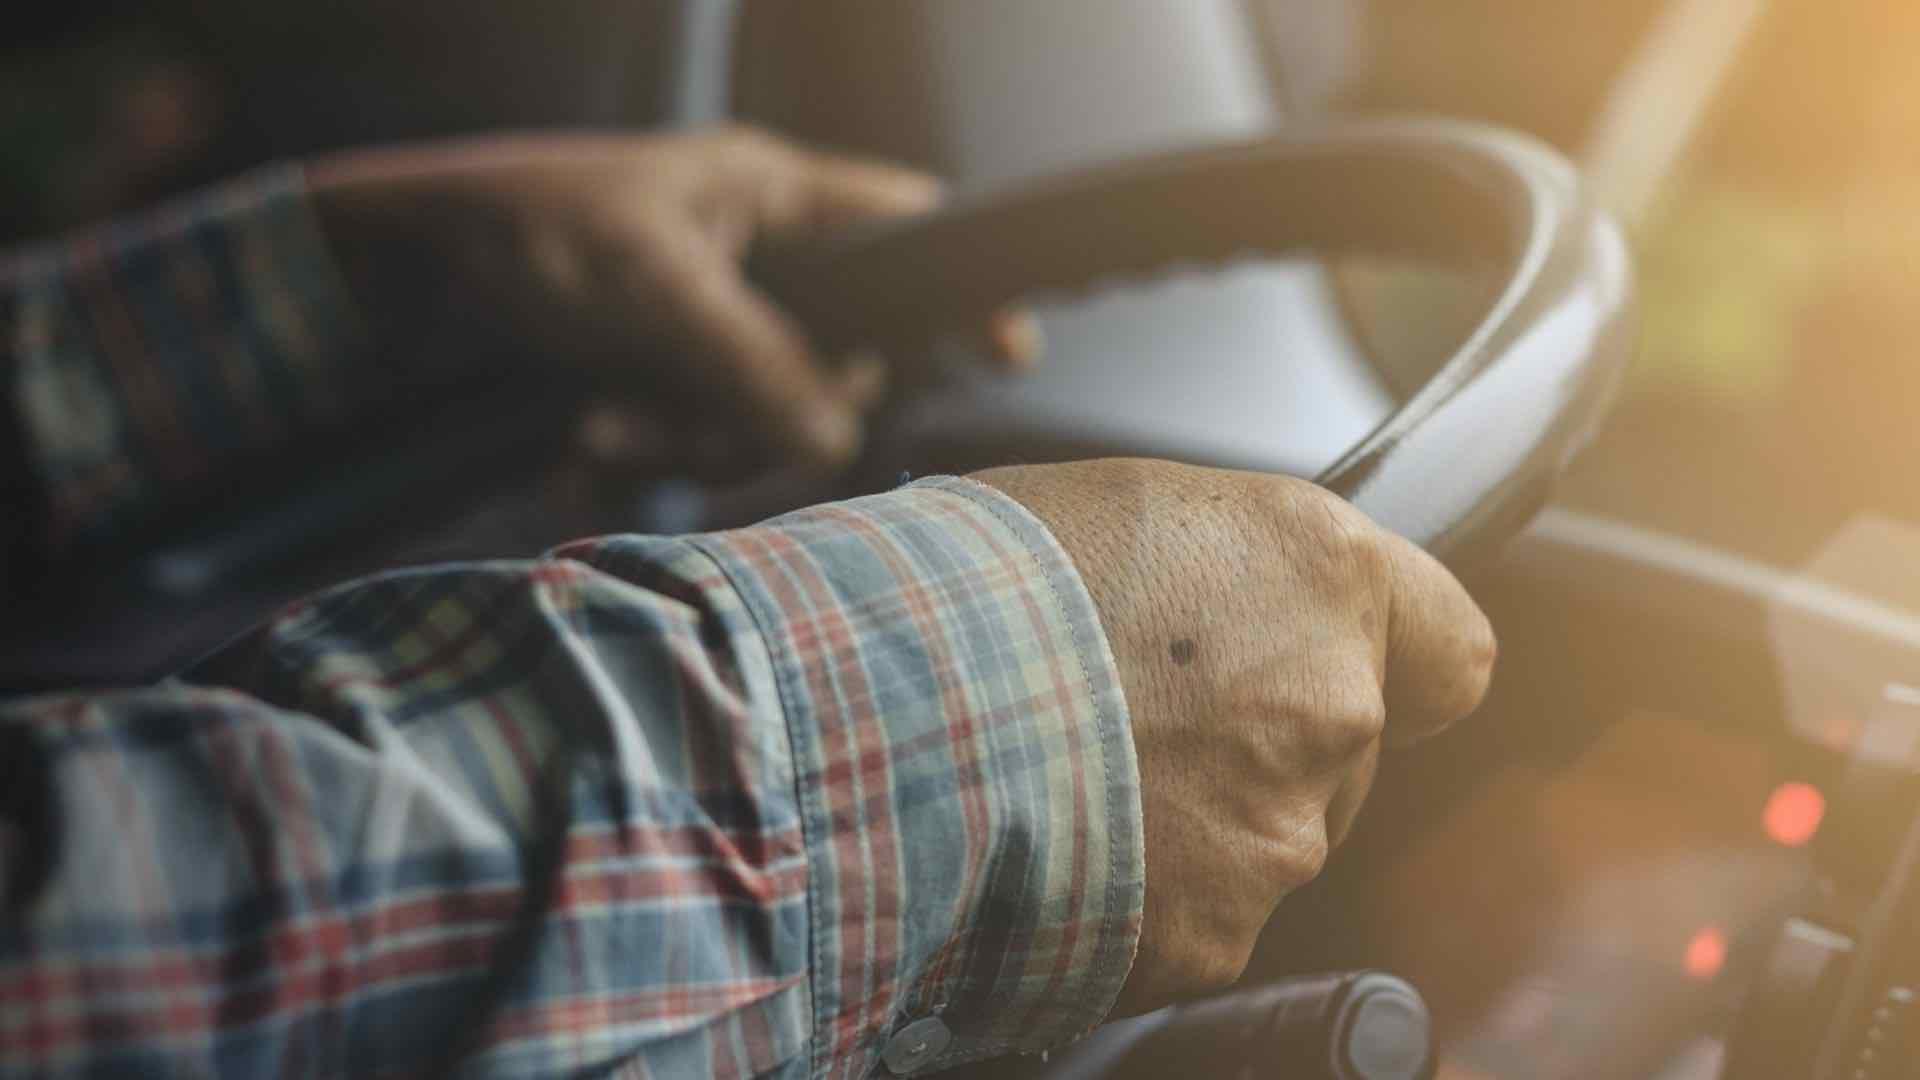 del termine per le esercitazioni alla guida